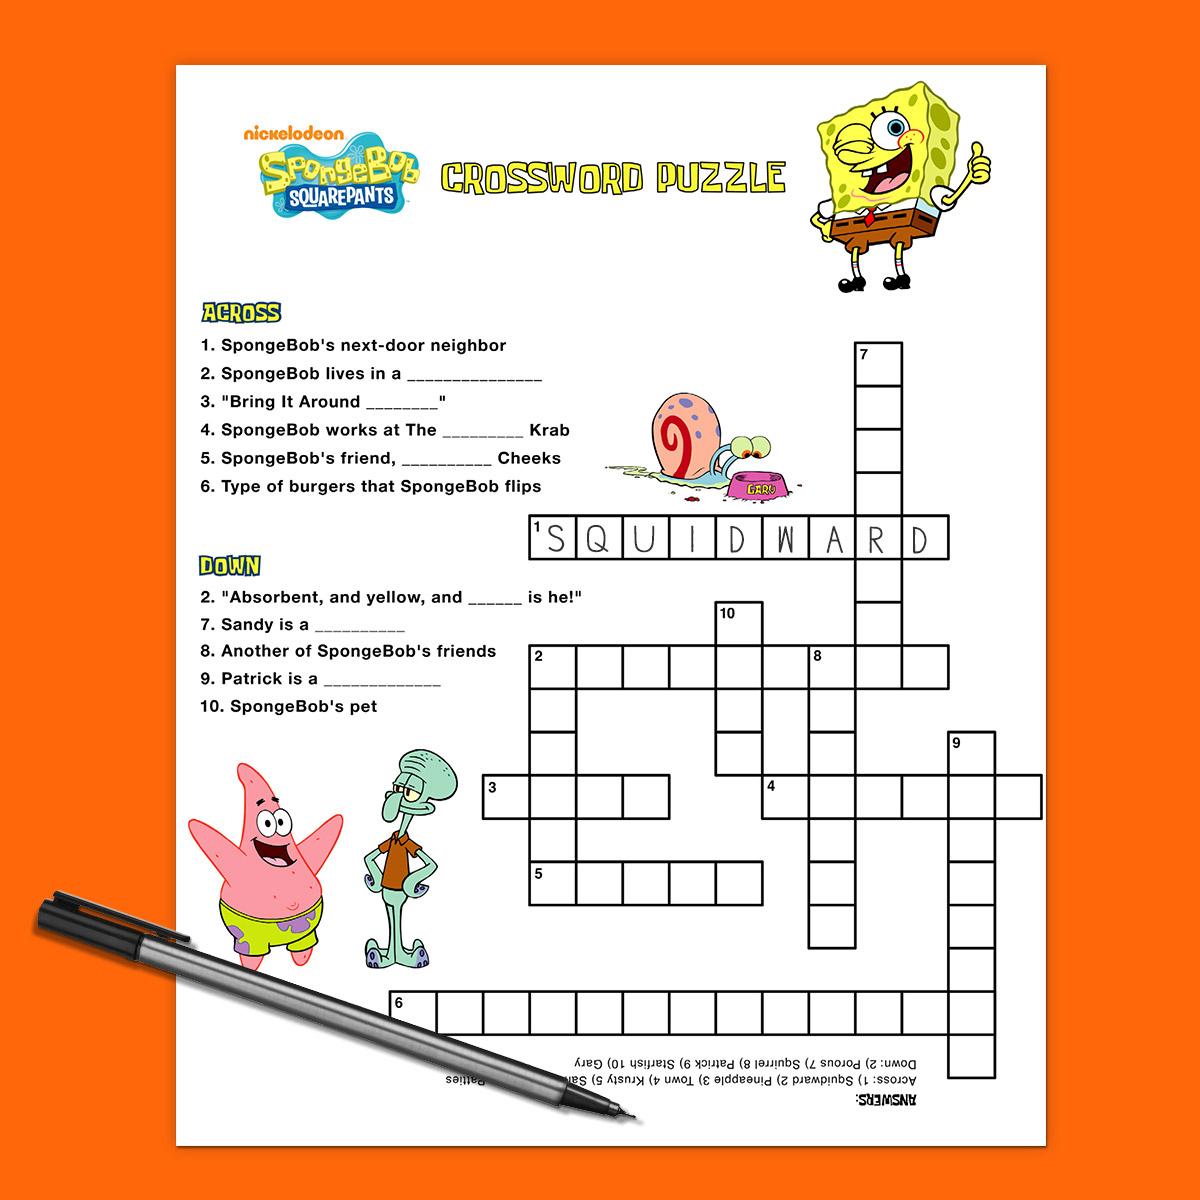 Spongebob Crossword Puzzle | Nickelodeon Parents - Printable Birthday Puzzle